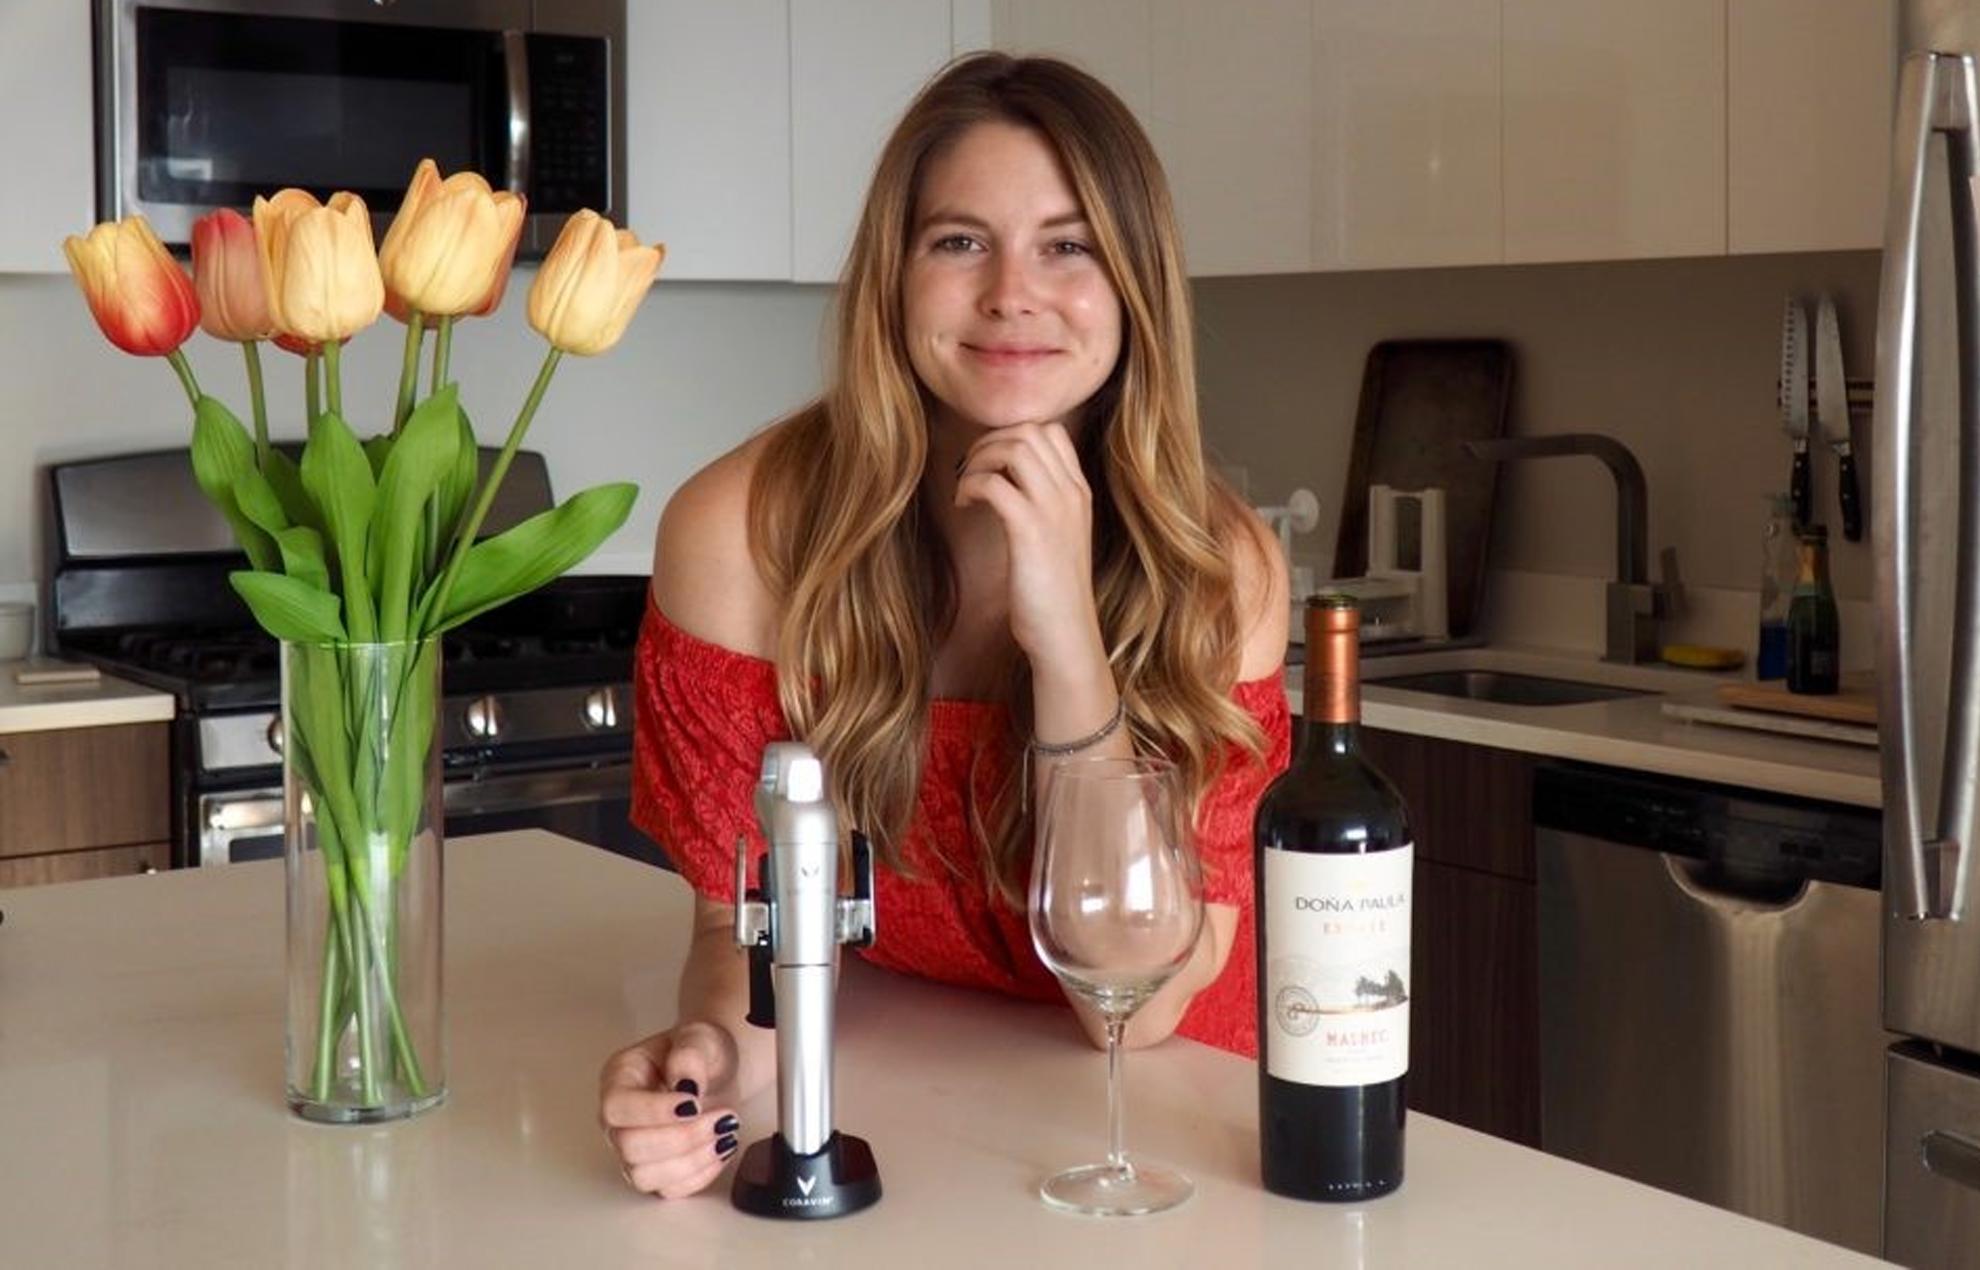 Chelsie Petras de Chel Loves Wine avec un verre de vin, une bouteille de vin et un système Coravin placé sur la table.